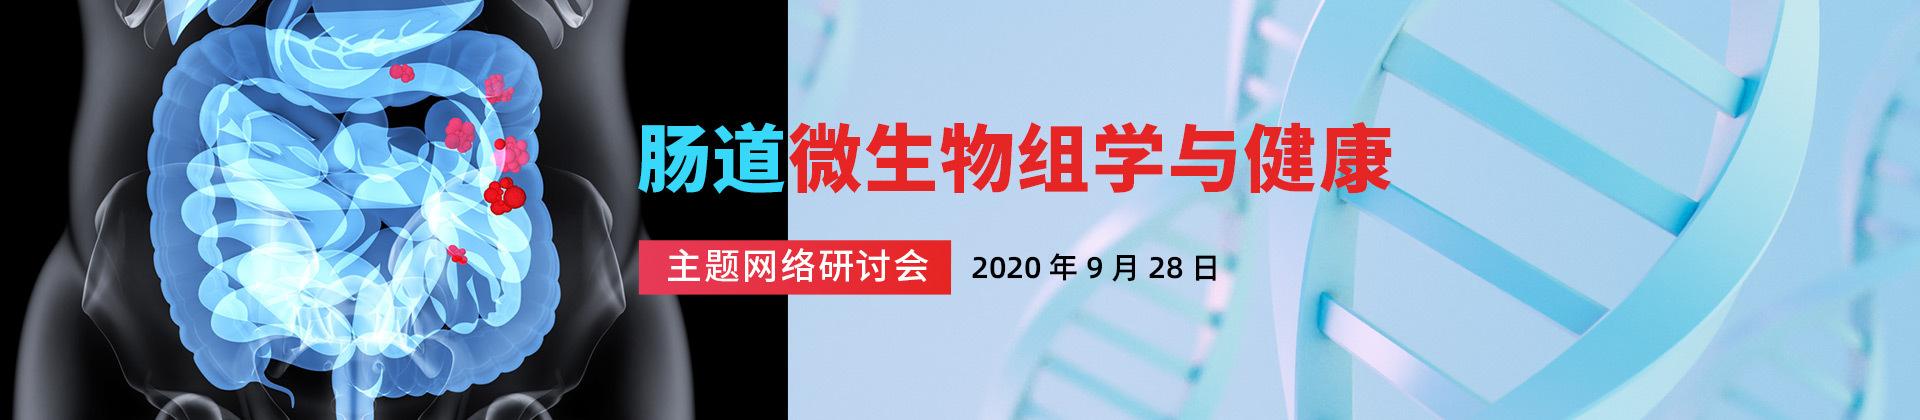 """2020-09-28 09:00 """"肠道微生物组学与健康""""主题研讨会"""